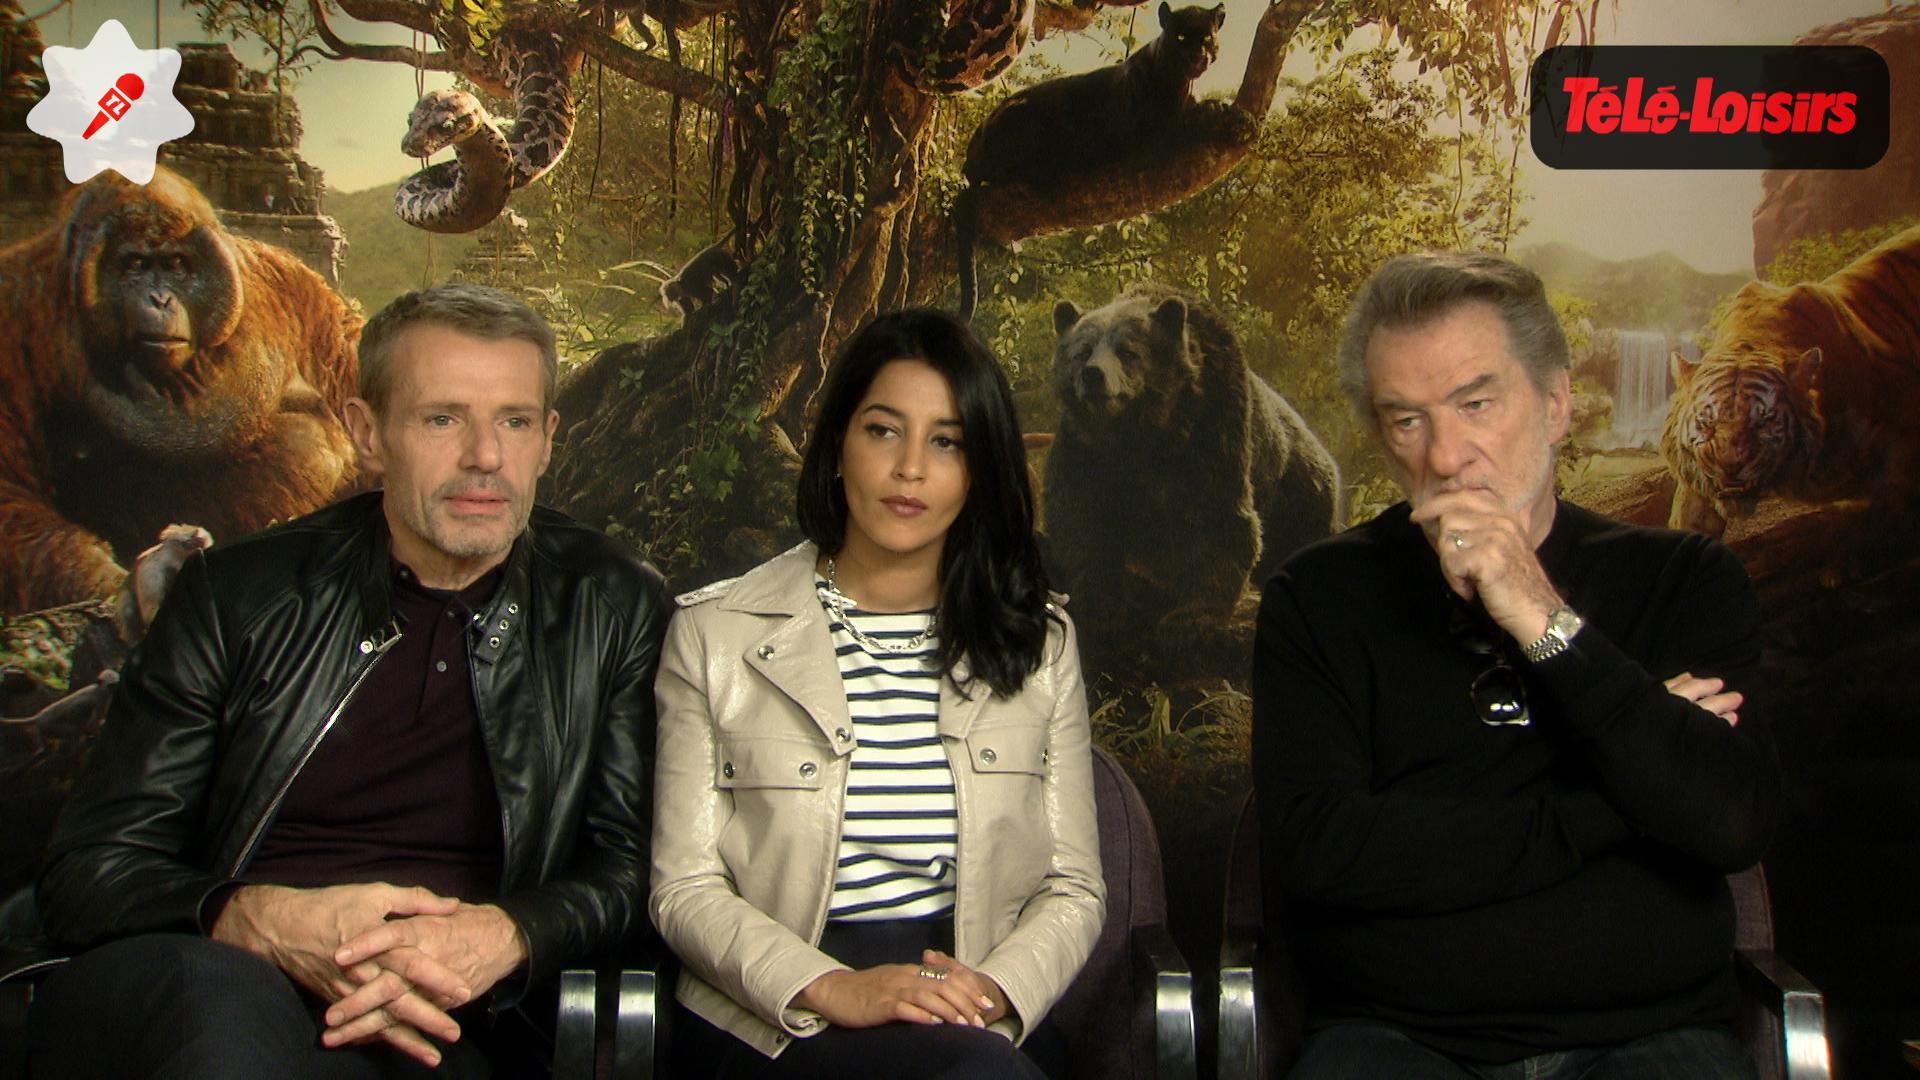 Le Livre de la Jungle : Lambert Wilson, Leïla Bekhti et Eddy Mitchell ont adoré prêter leurs voix au film (INTERVIEW VIDÉO)